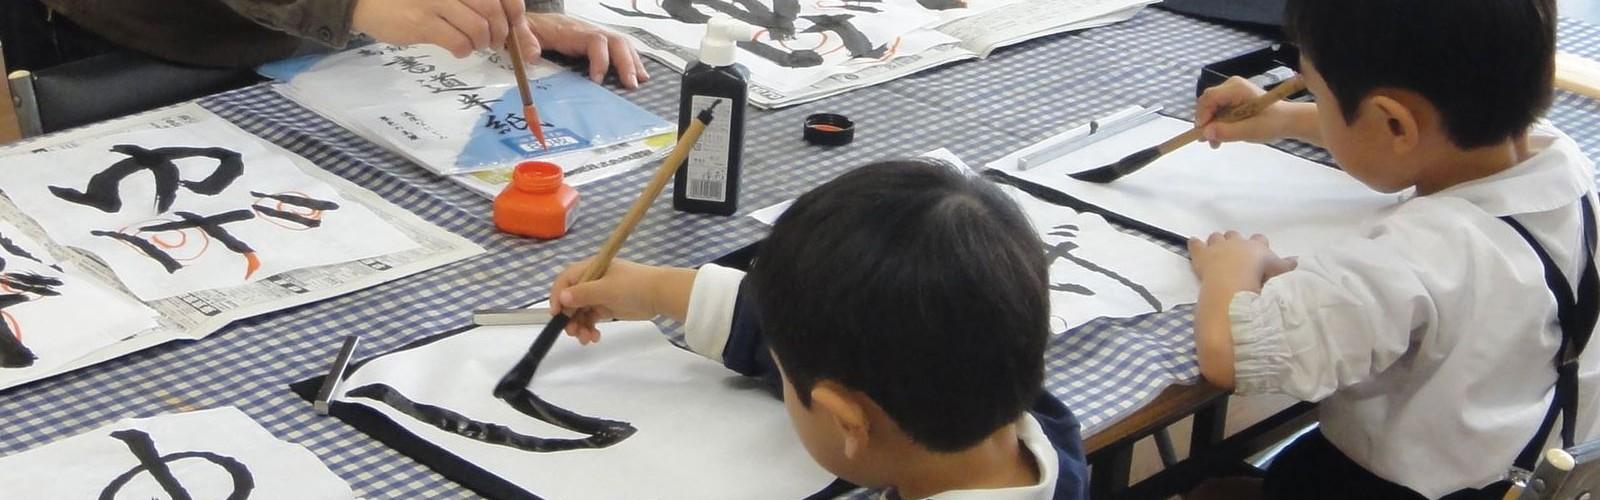 『こども書道教室』『こども洋裁教室』『そろばん教室』『音楽教室』などお子様向けの各種お習い事教室も大人気です